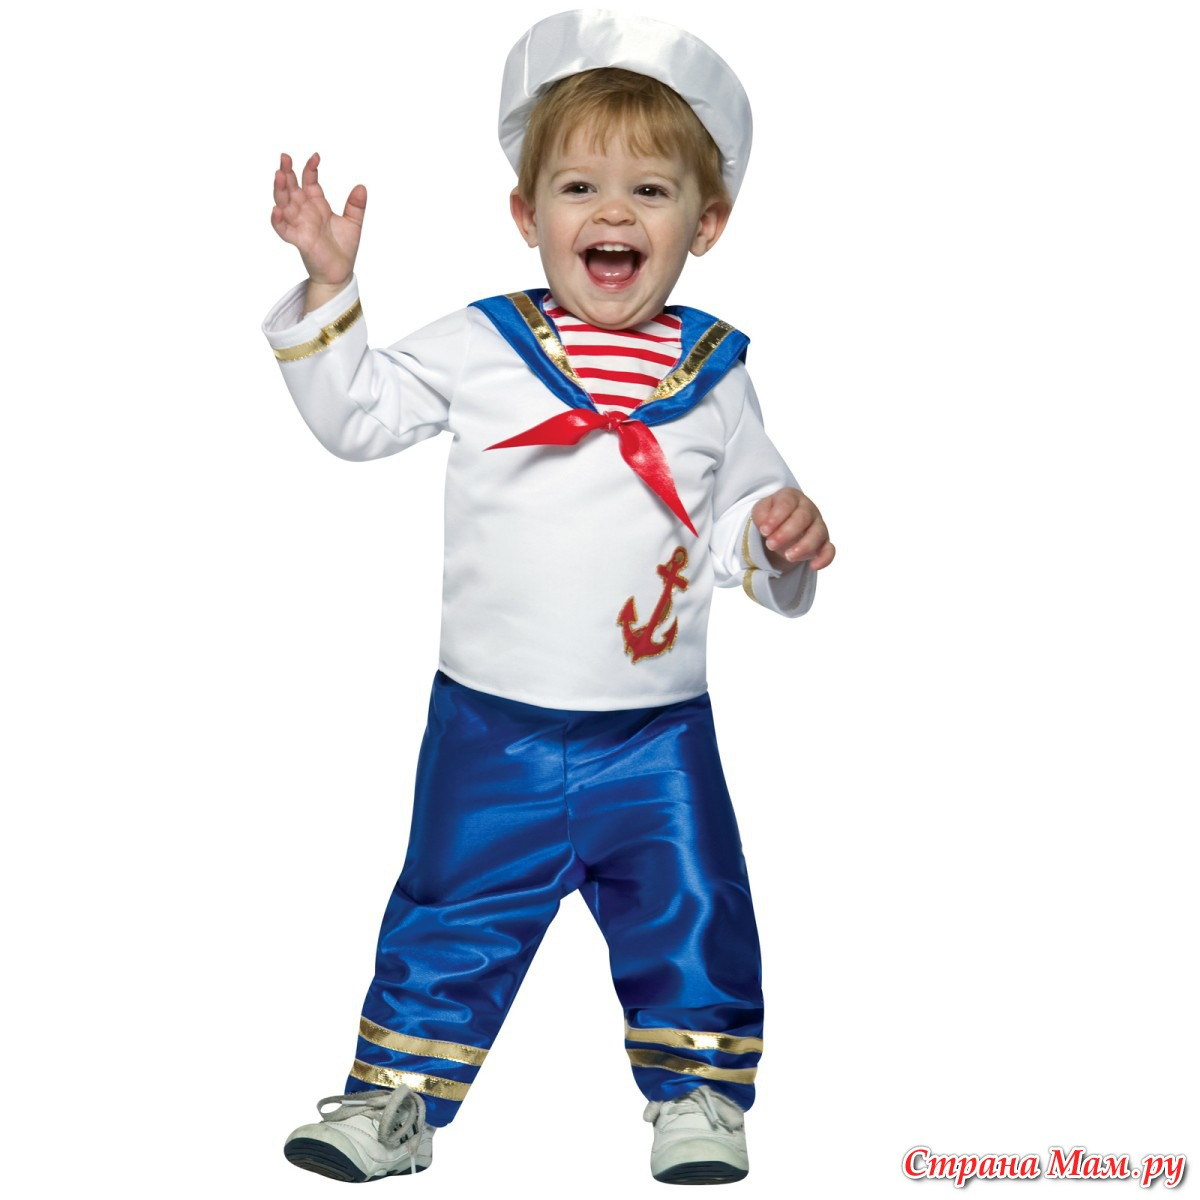 Новогодний костюм на 3 года для мальчика